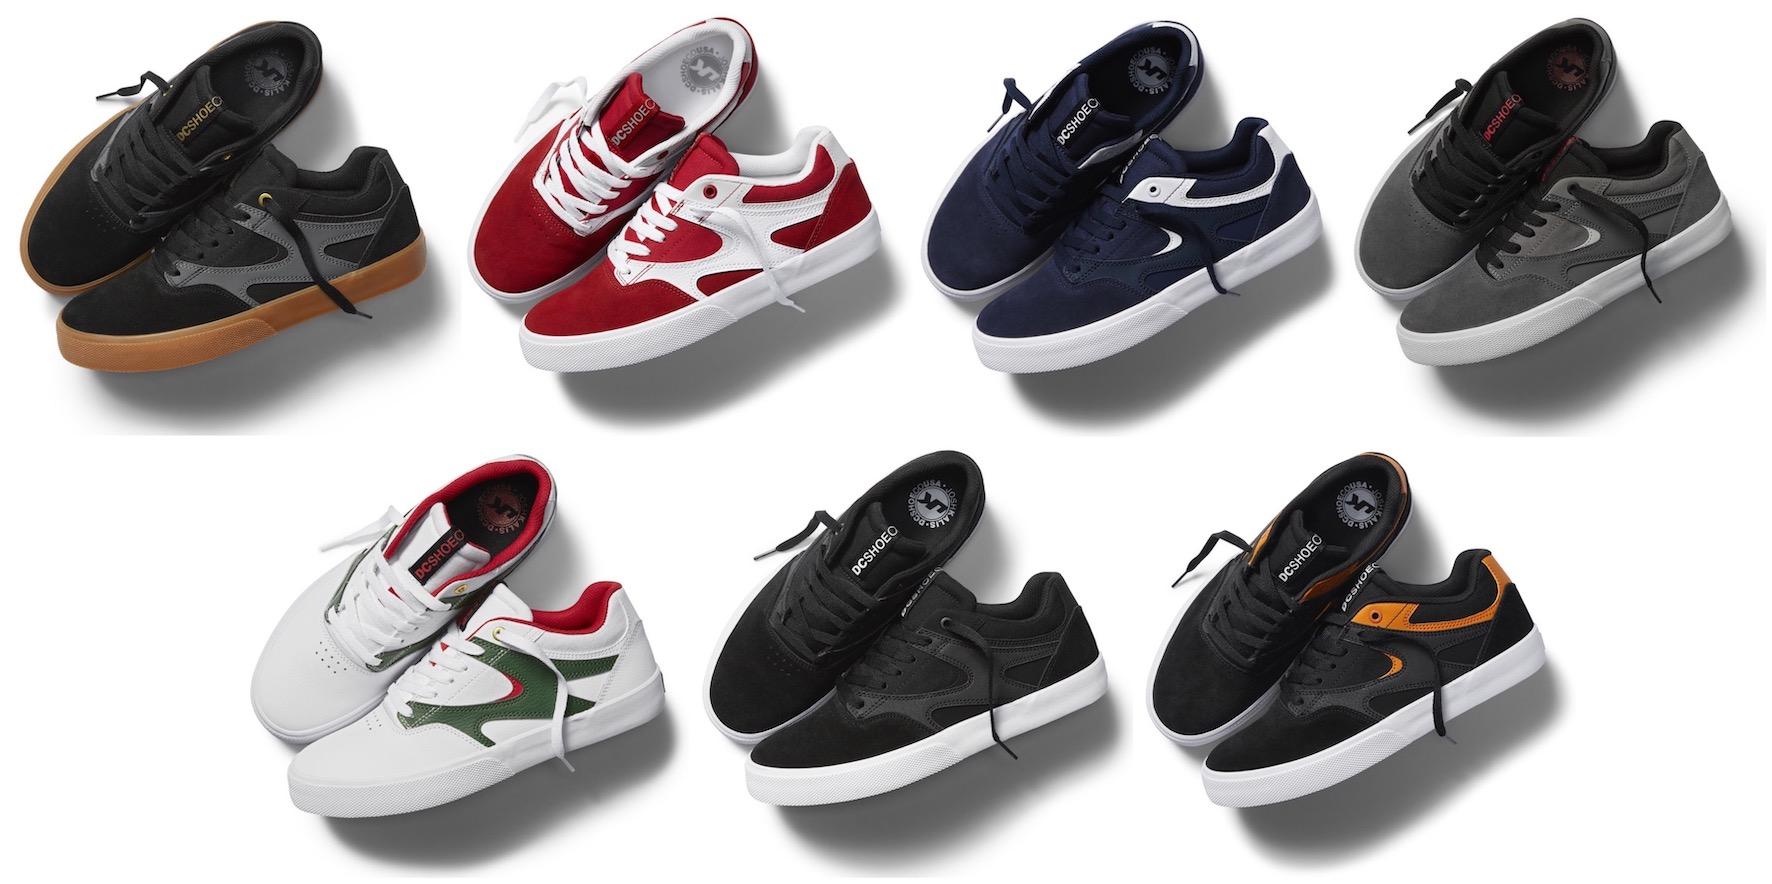 DC Shoes Kalis Vulc colourway options